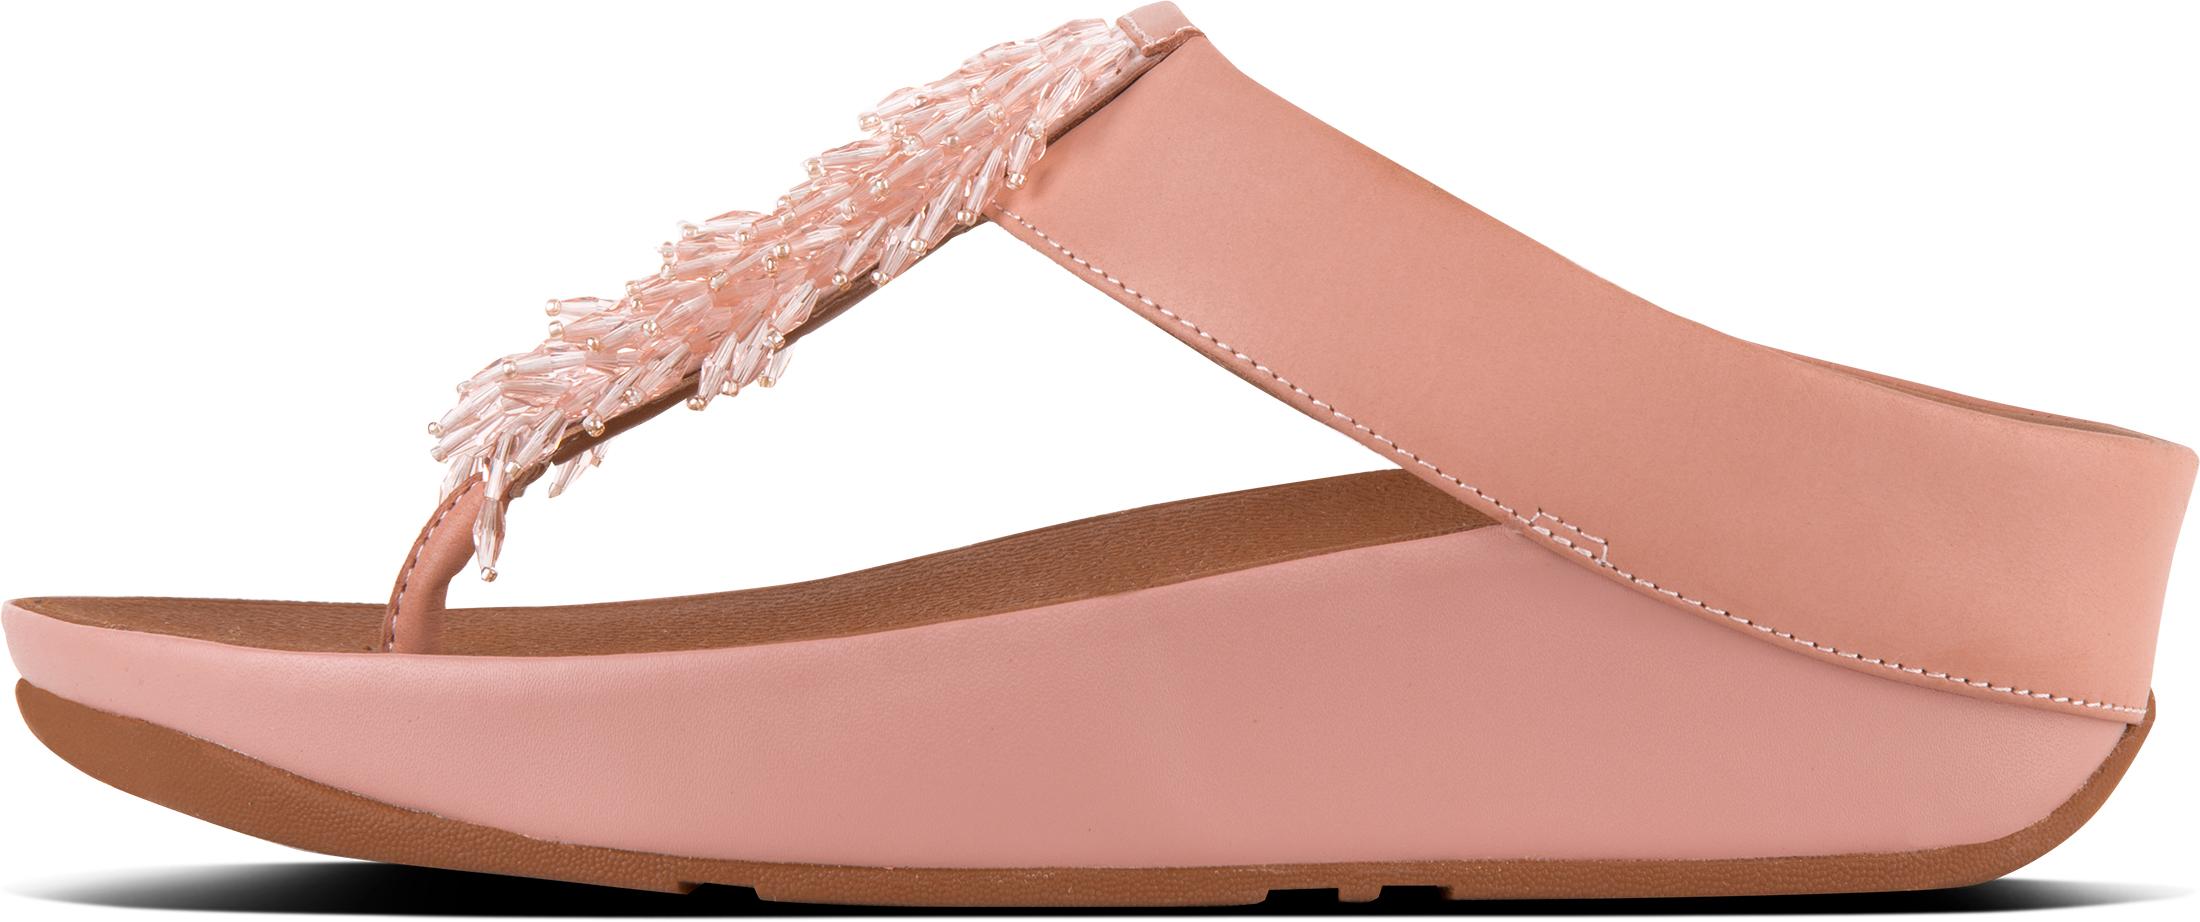 714faf139e0561 FitFlop Rumba Toe-thong Sandals Uk7 Dusky Pink